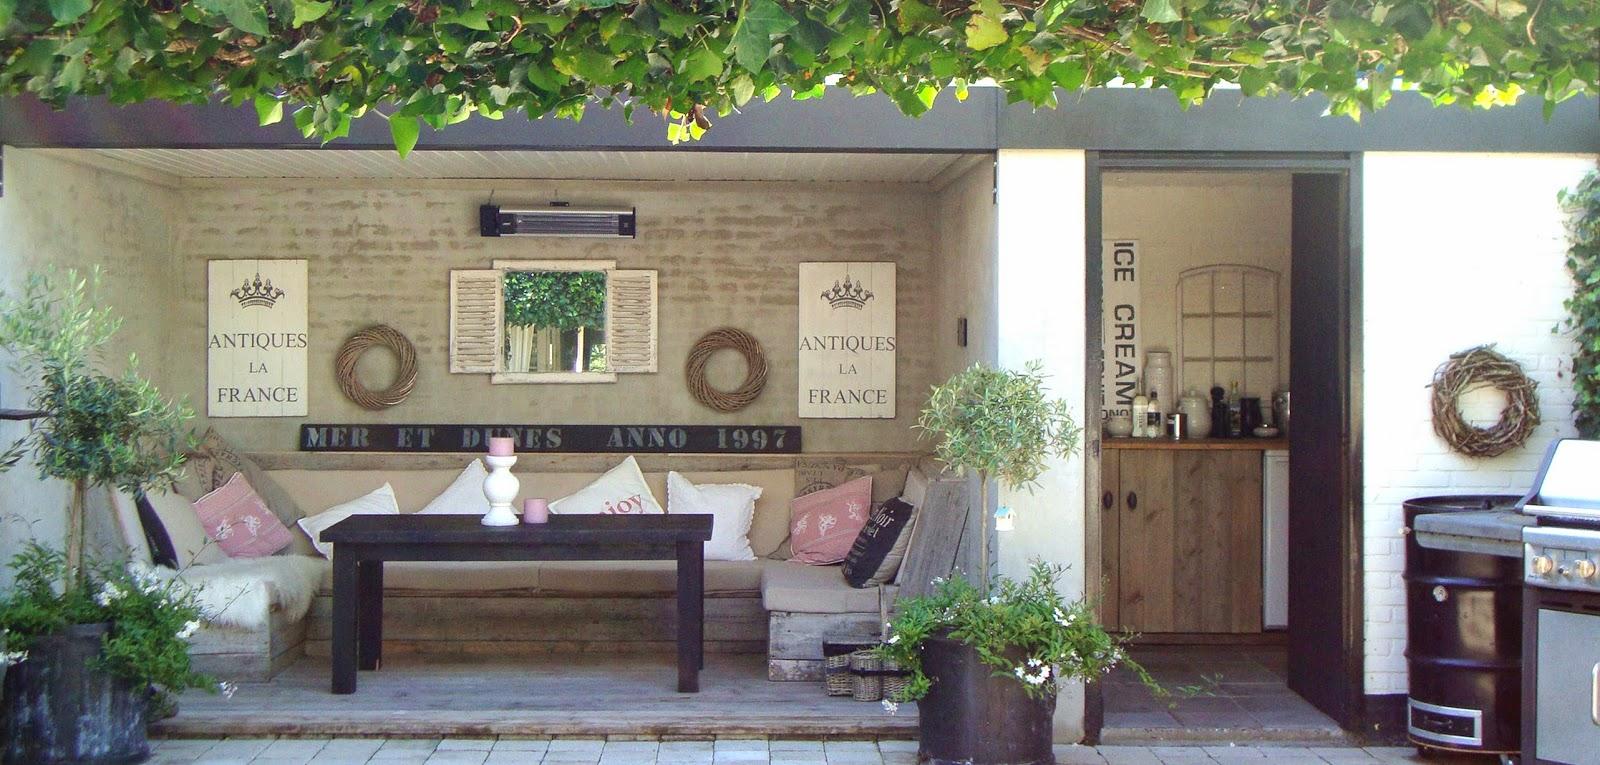 Idee n voor het terras en tuin on pinterest verandas tuin and patio - Decoratie binnen veranda ...